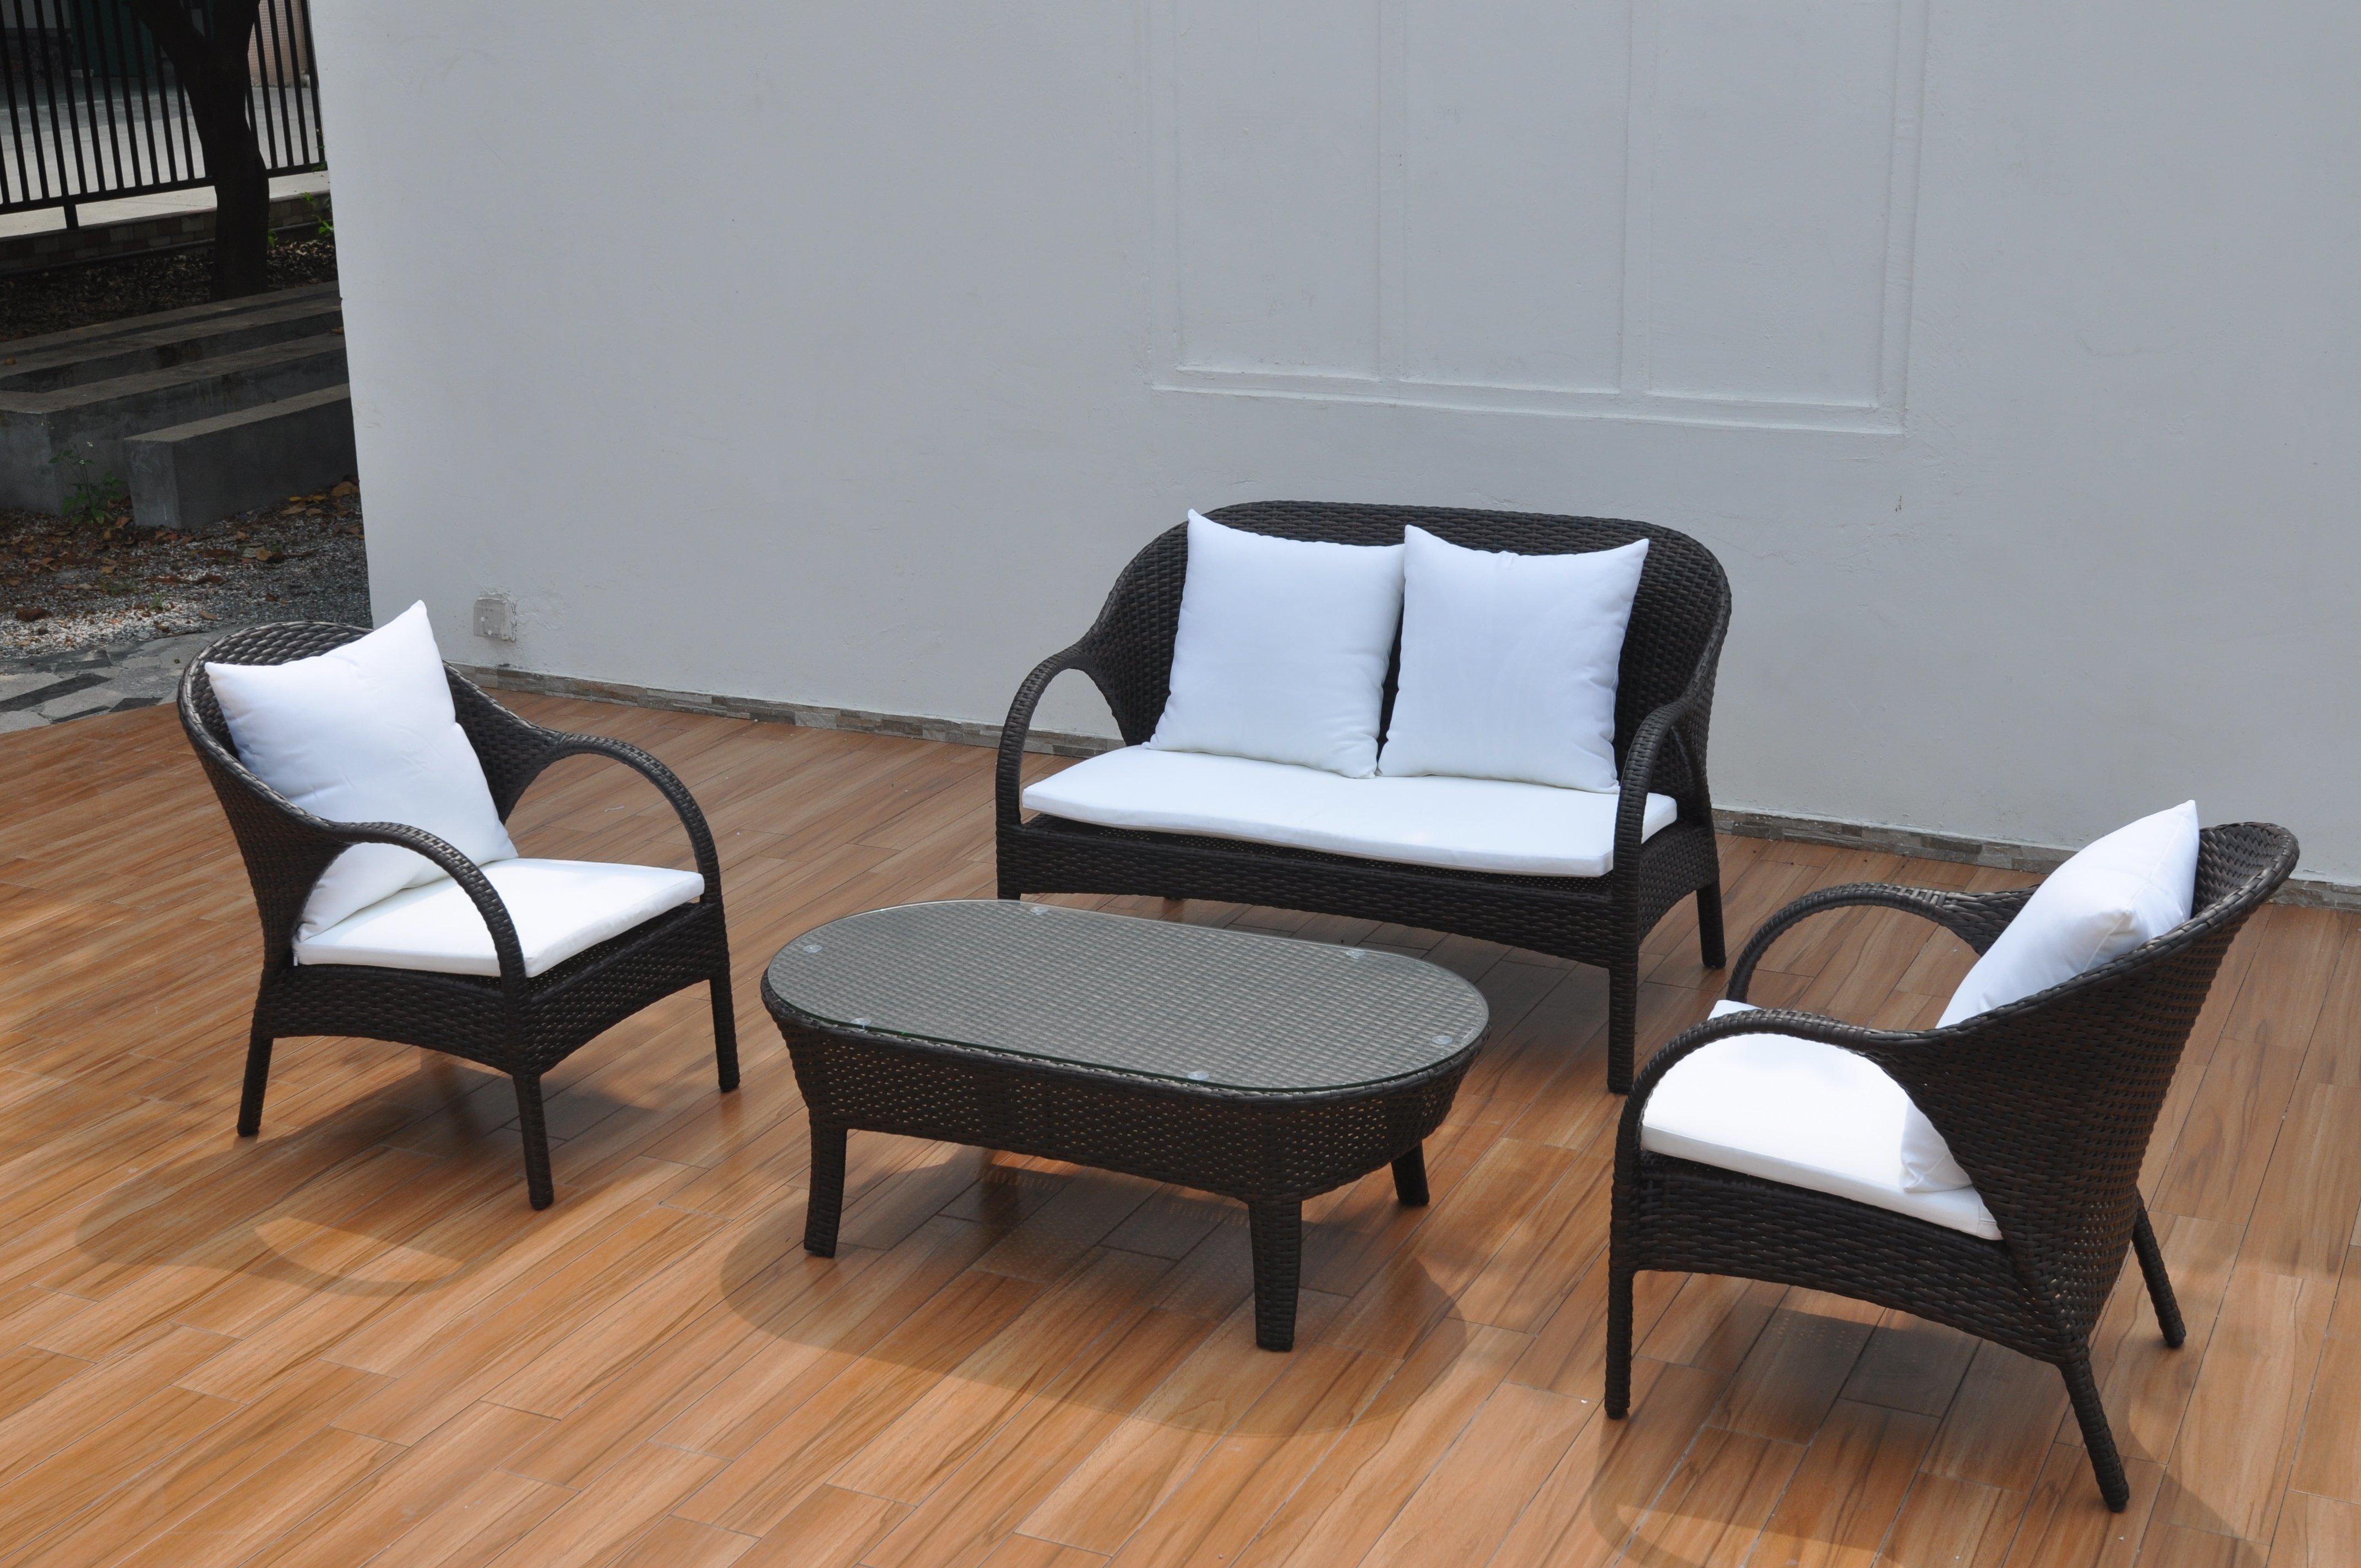 Интернет магазин мебели из ротанга по низким ценам